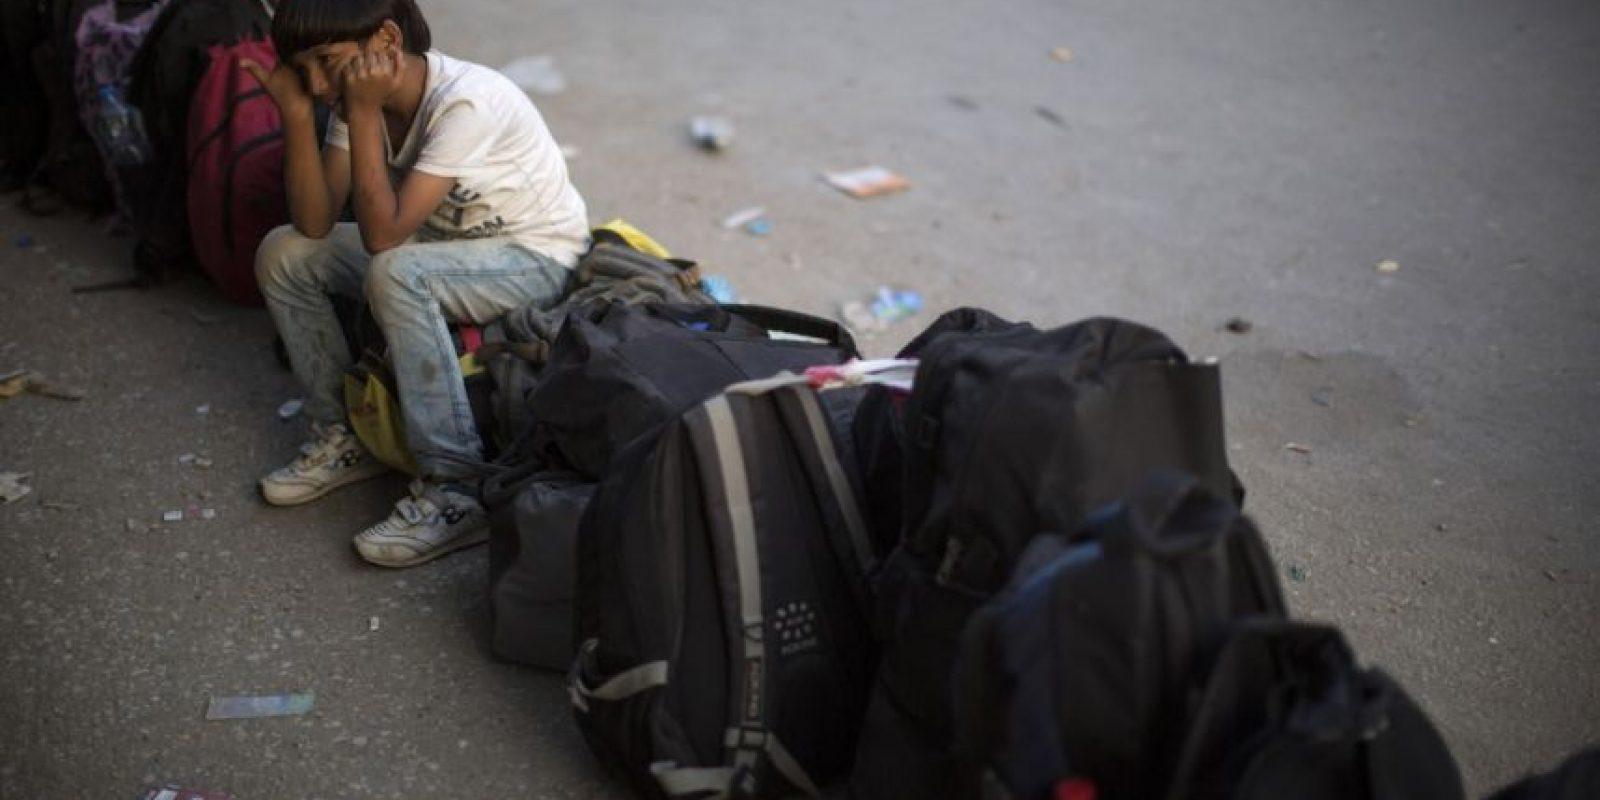 """La UE entregó 560 millones de euros a Italia para solventar los gastos de los migrantes, aunque el gobierno romano acusó al resto de los países europeos de """"cerrar los ojos ante la crisis"""". Foto:Getty Images"""